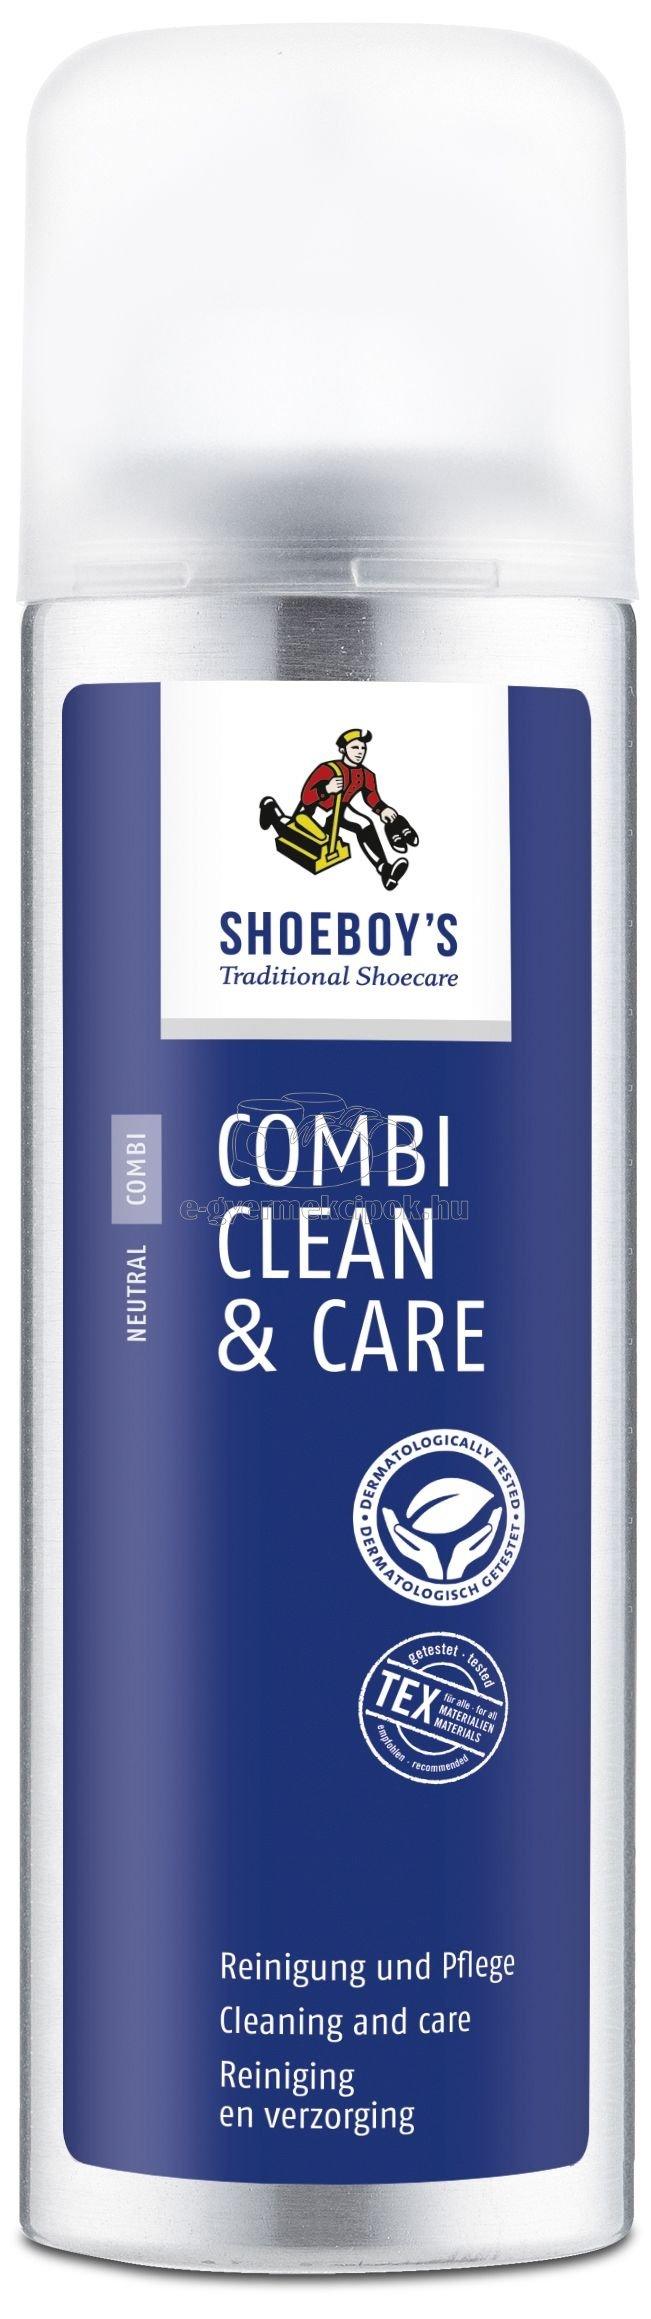 Shoeboy's COMBI CLEAN & CARE 200ml